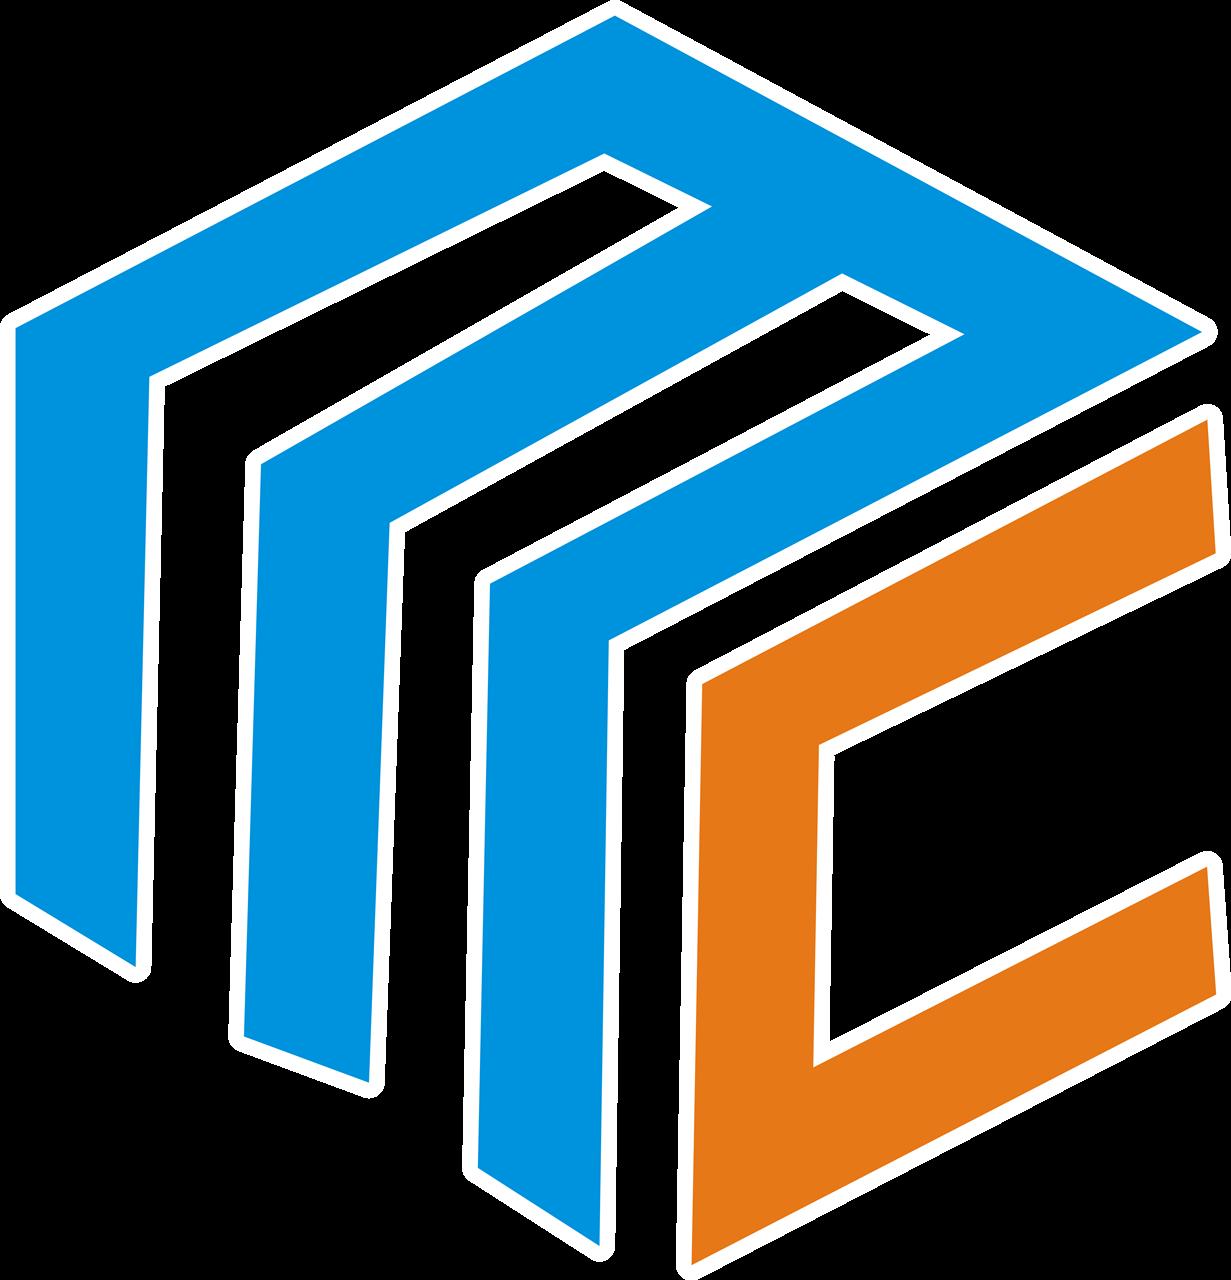 江苏芈超电力设备有限公司